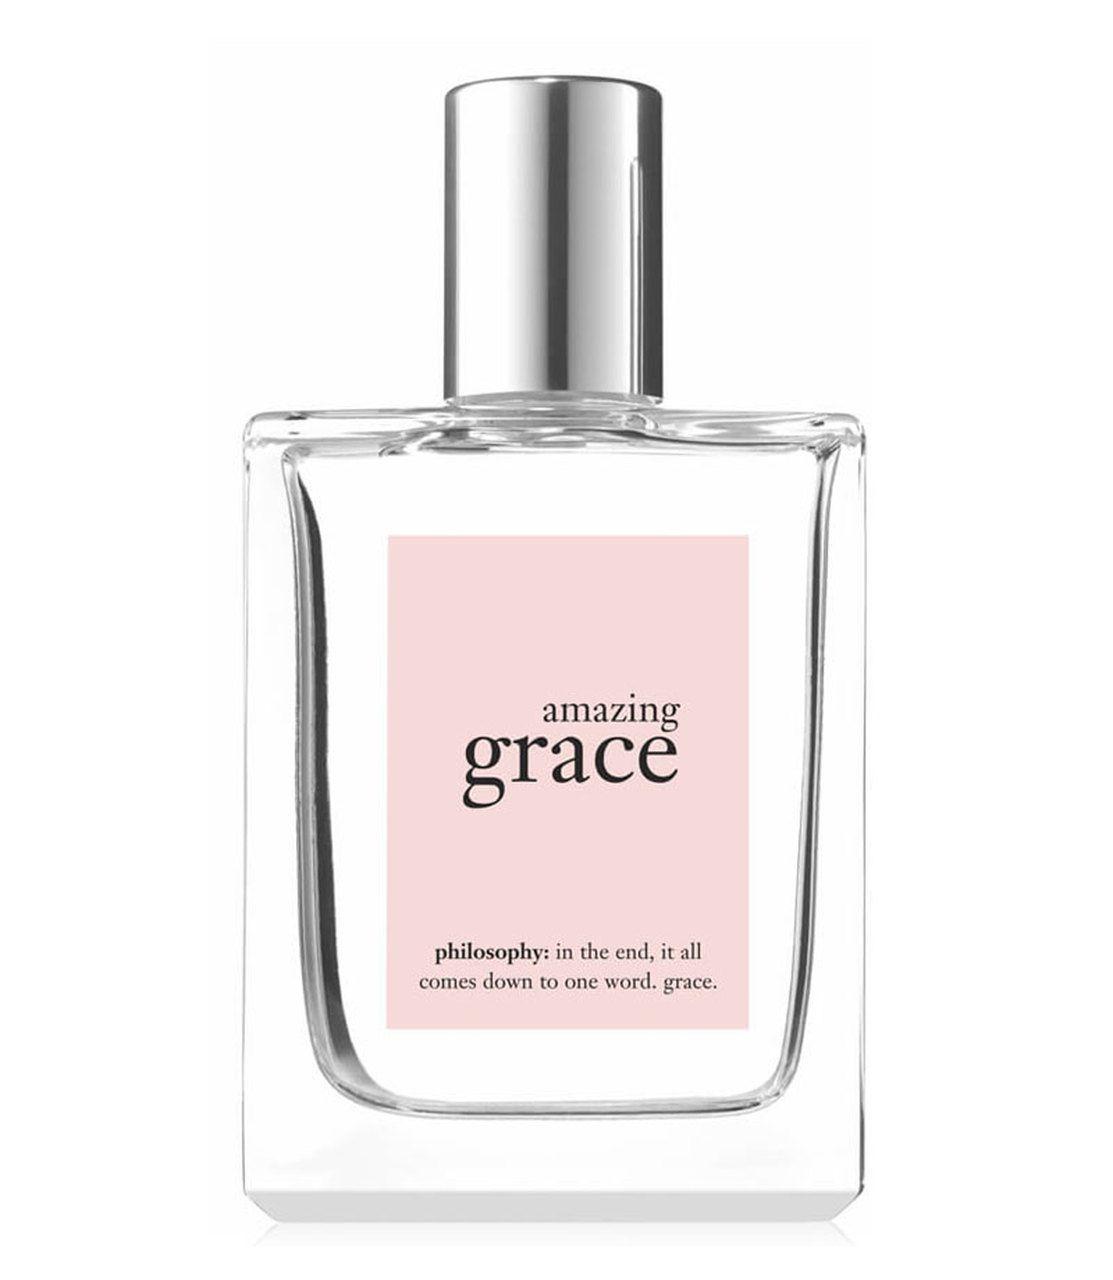 Philosophy Amazing Grace Eau De Toilette Spray 2 Oz Philosophy Amazing Grace Amazing Grace Perfume Fragrance Set